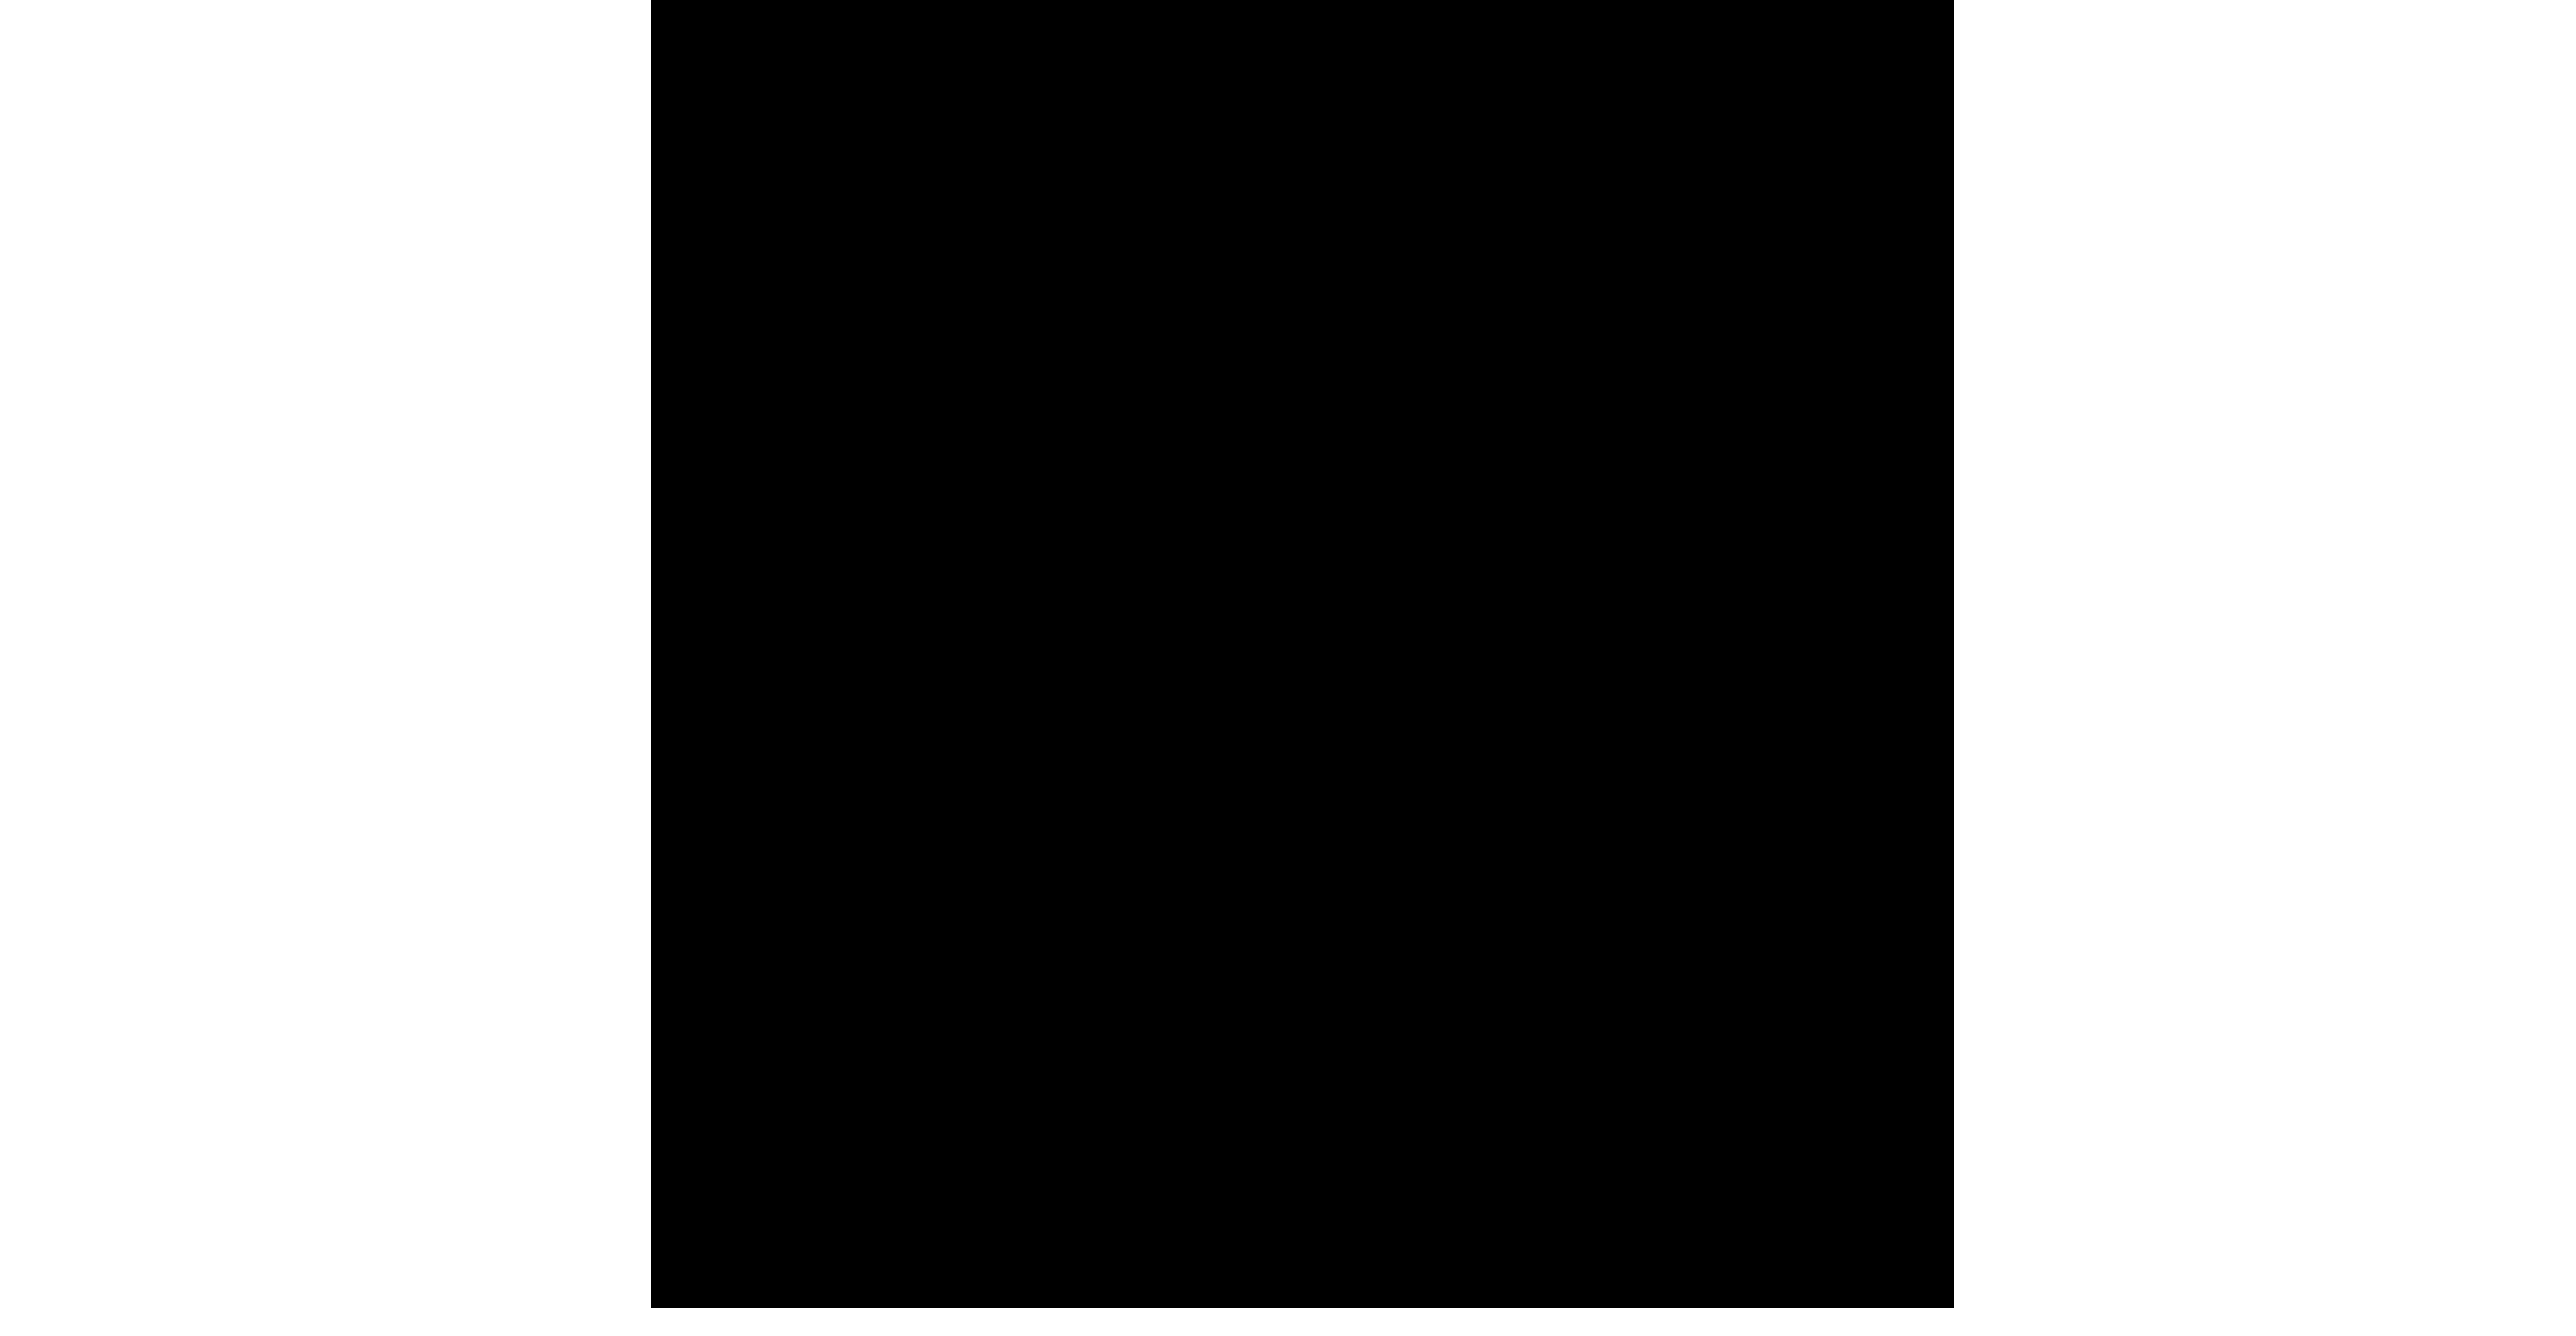 SHOPLONERBOYAPPAREL